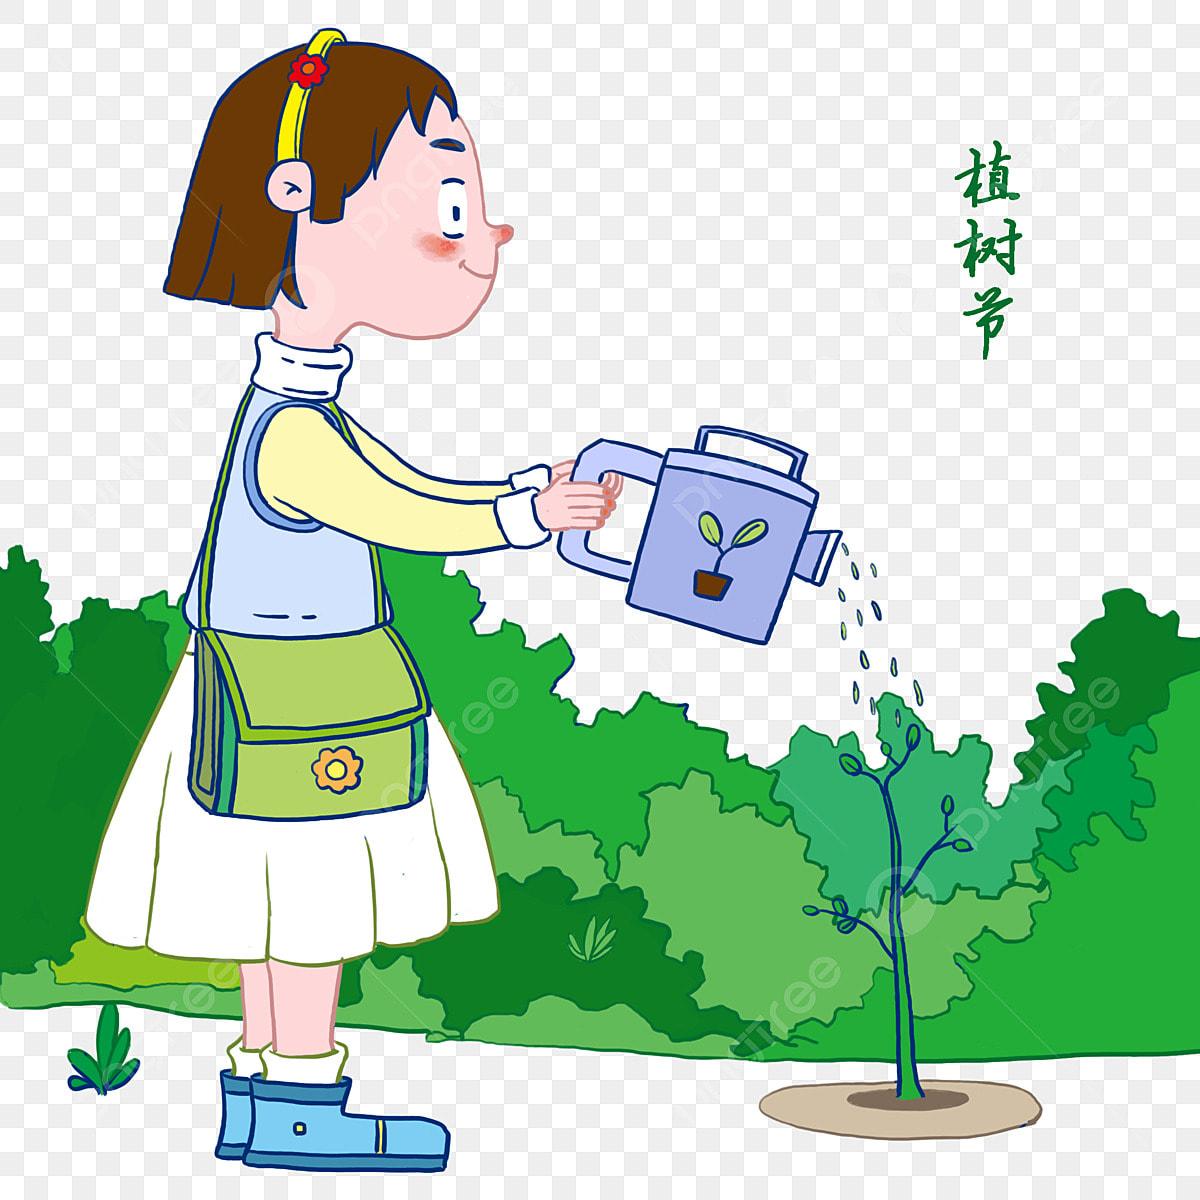 Hình ảnh Minh Họa Nhân Vật Arbor Day Tưới Nước Cho Bé Gái Lá Xanh Trang Trí  Cây, Cho, Minh Họa Nhân Vật Arbor Day, Tưới miễn phí tải tập tin PNG